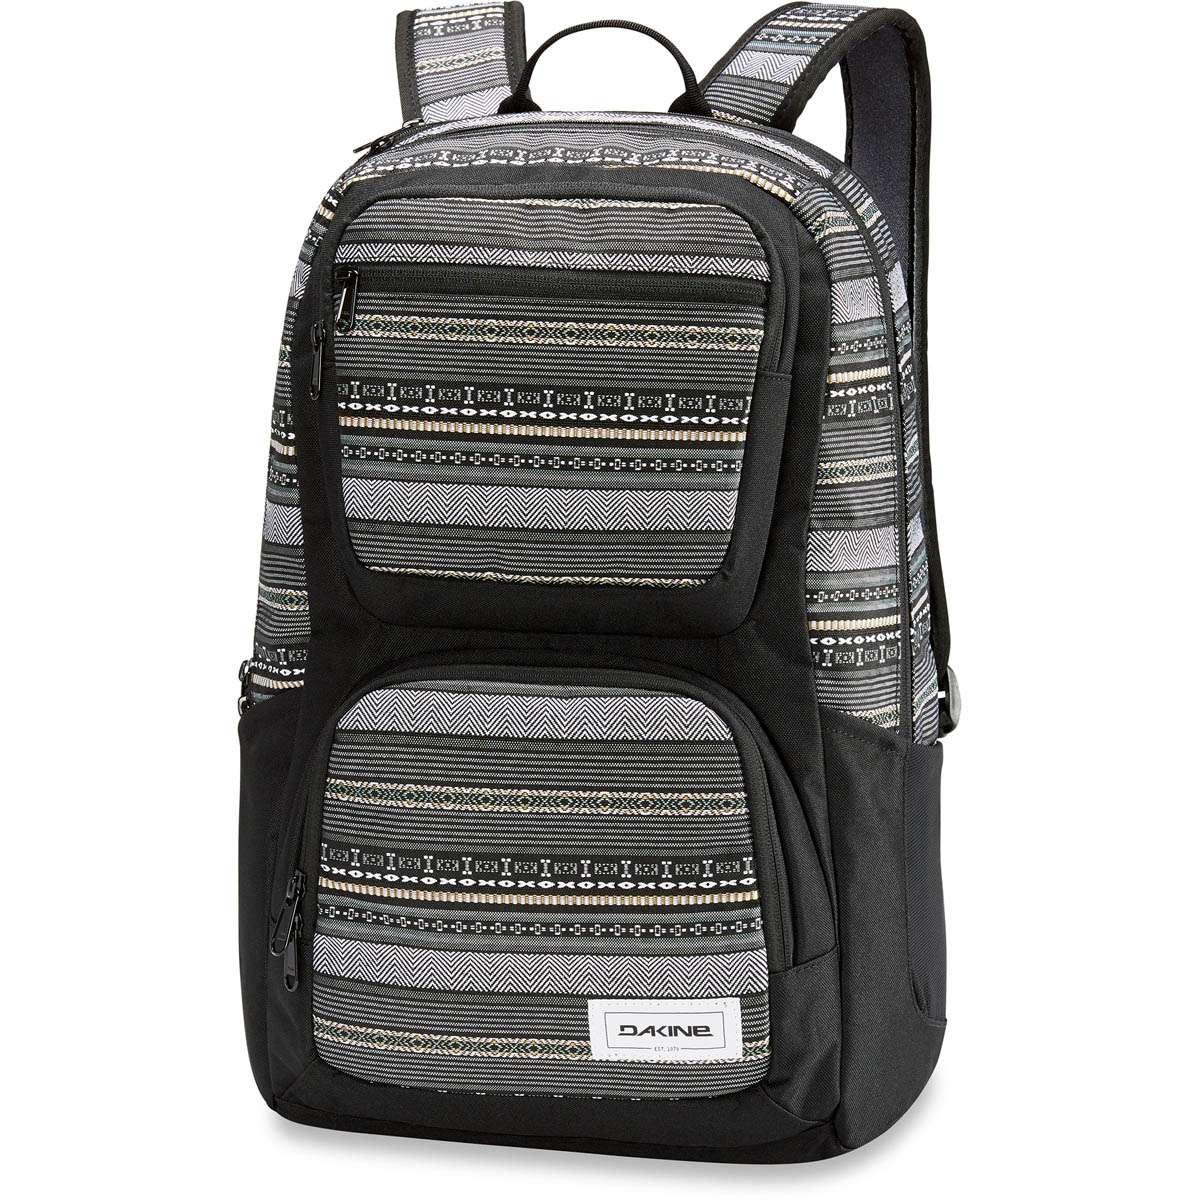 76bfac19d7fa3 Dakine Jewel 26L Backpack Zion